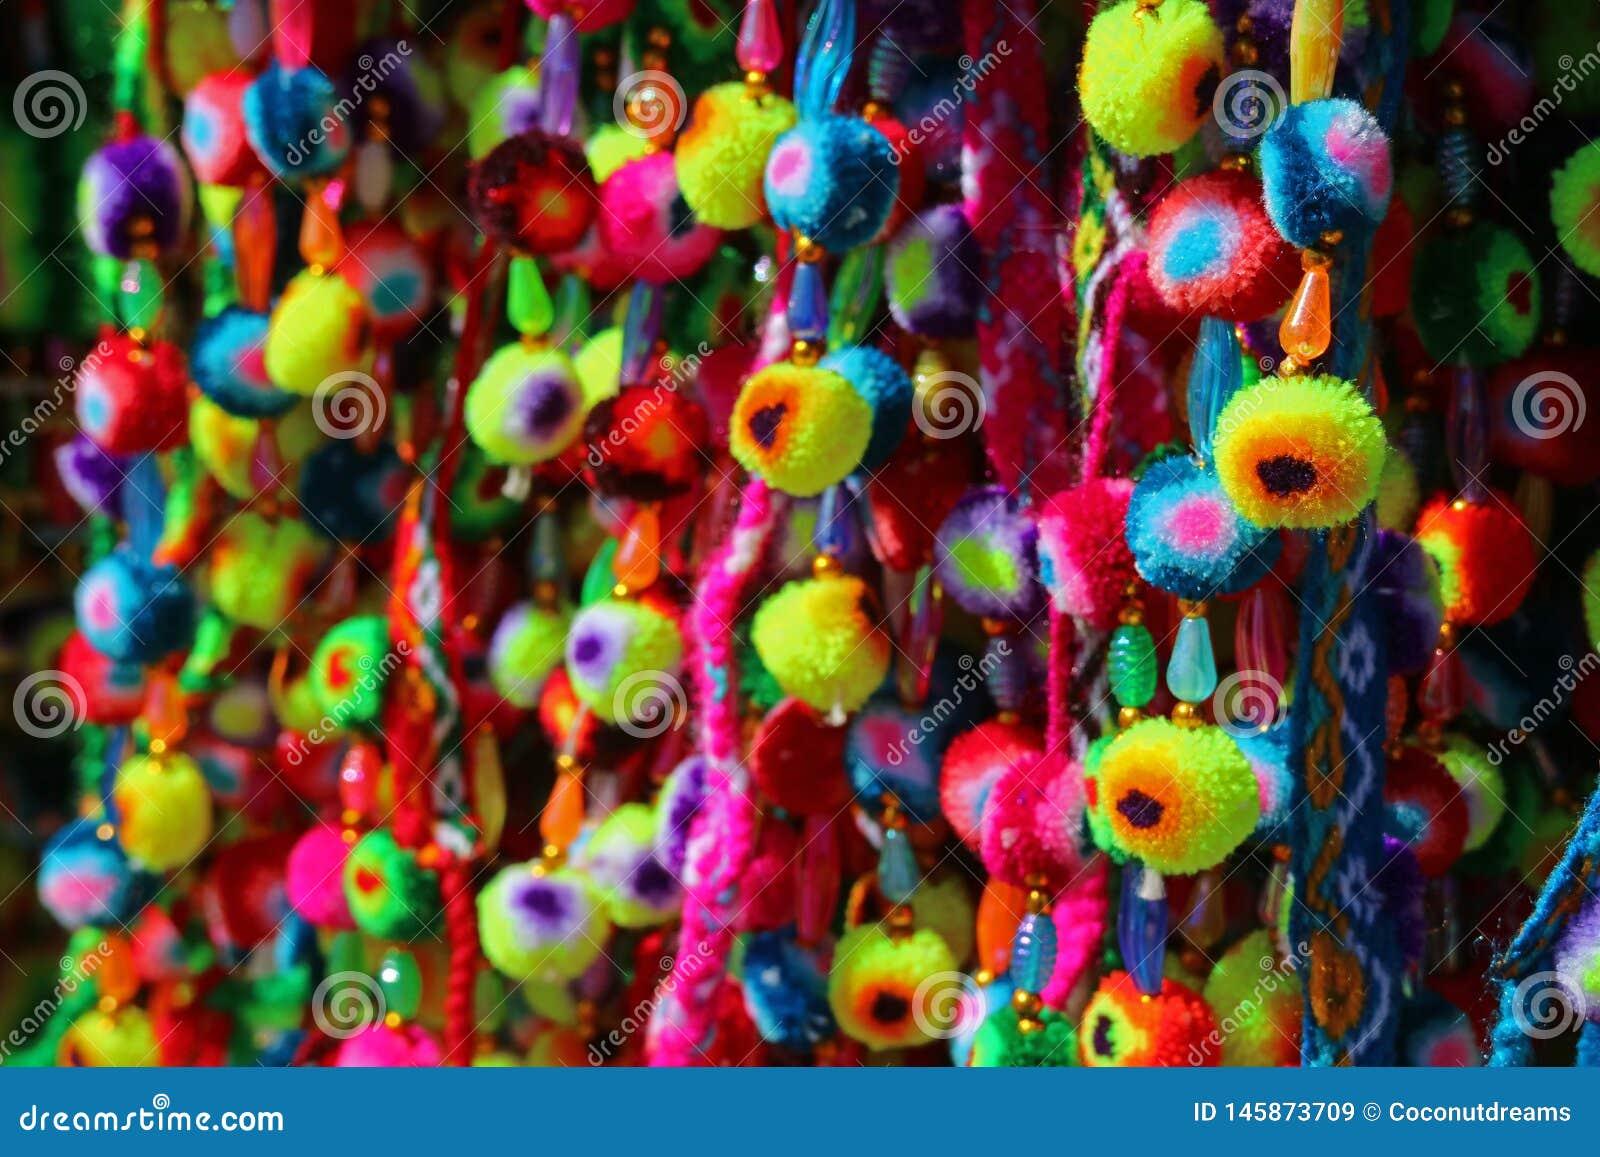 Pompom andino vívido da multi cor indicado na loja em uma vila de Bolívia